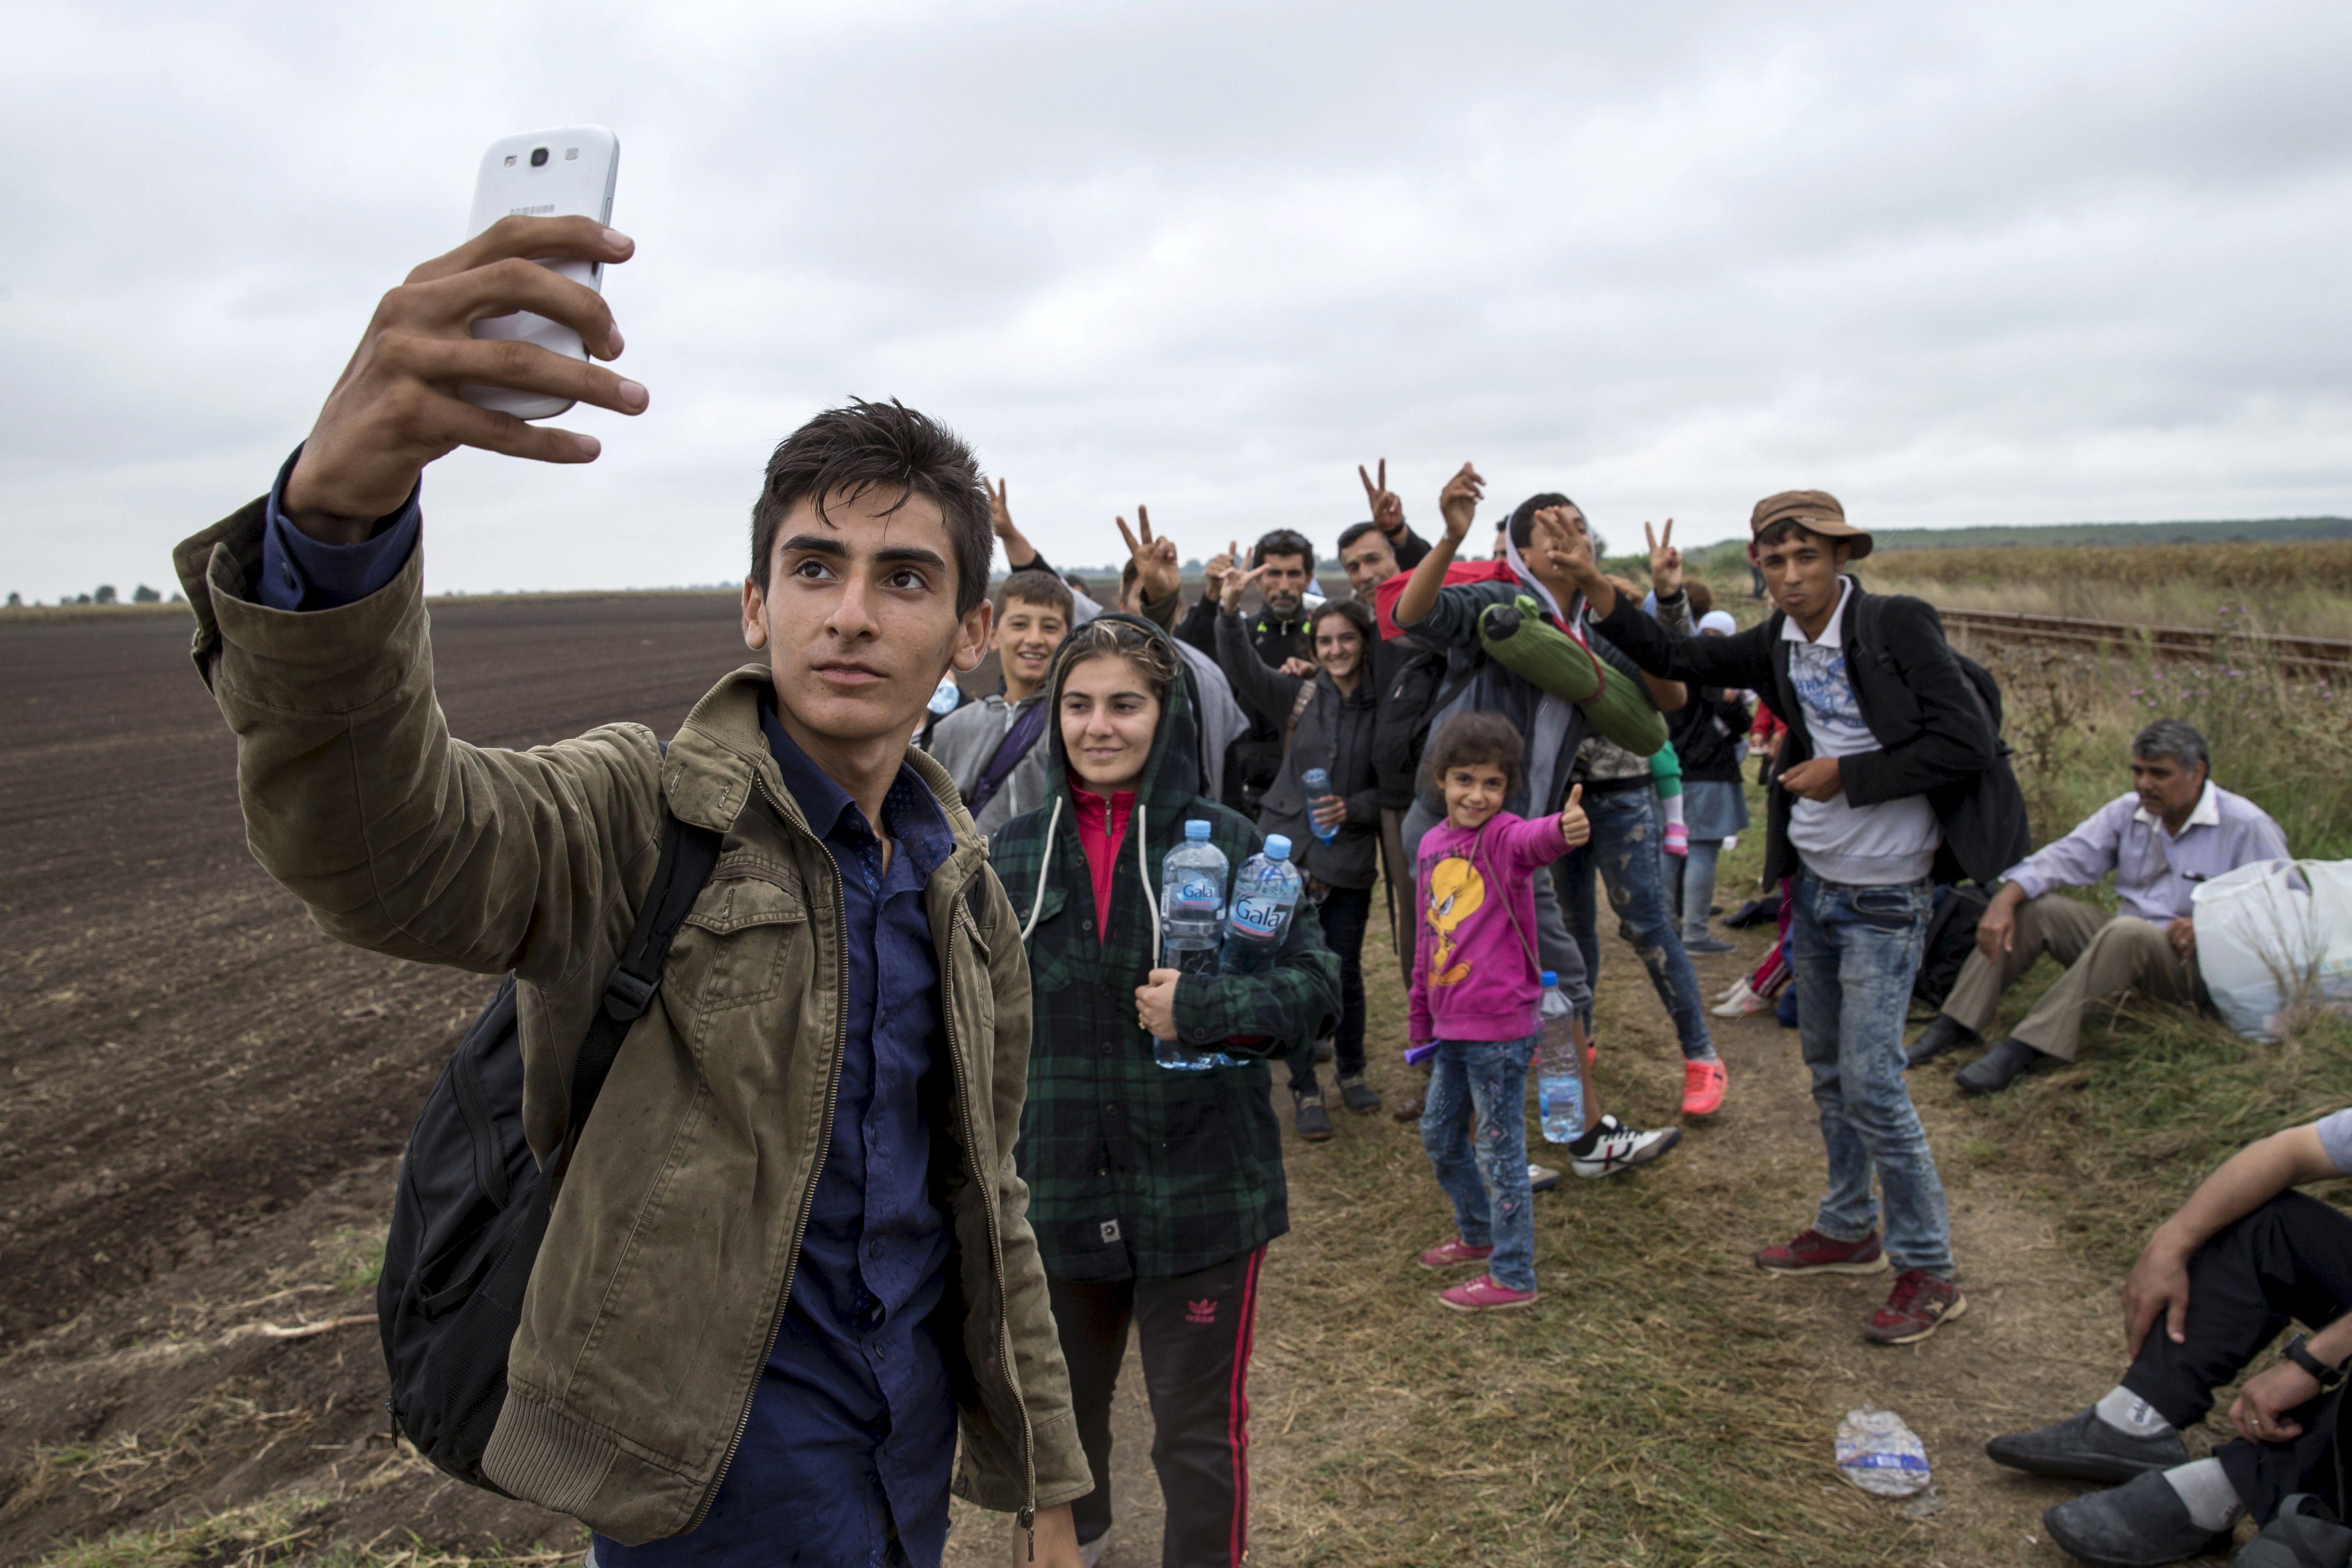 Un groupe de migrants entré en Hongrie se prend en photo, le 5 septembre.